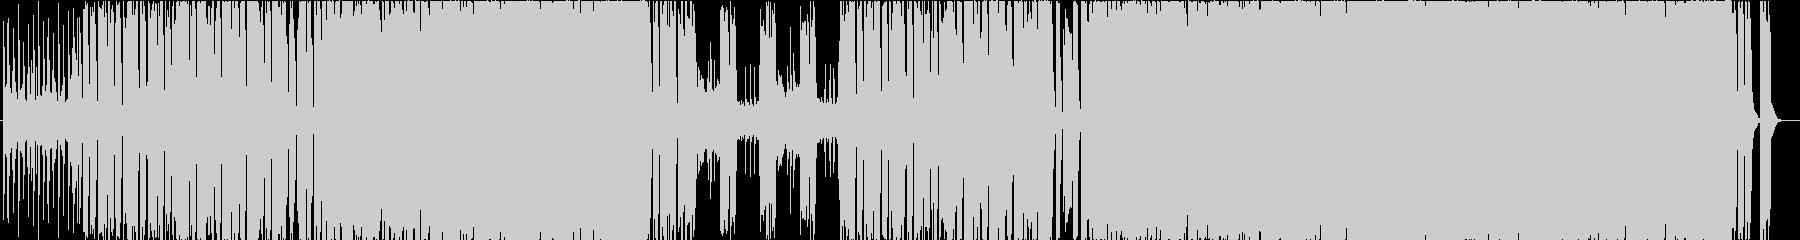 ヘヴィでクールなメタルBGMの未再生の波形